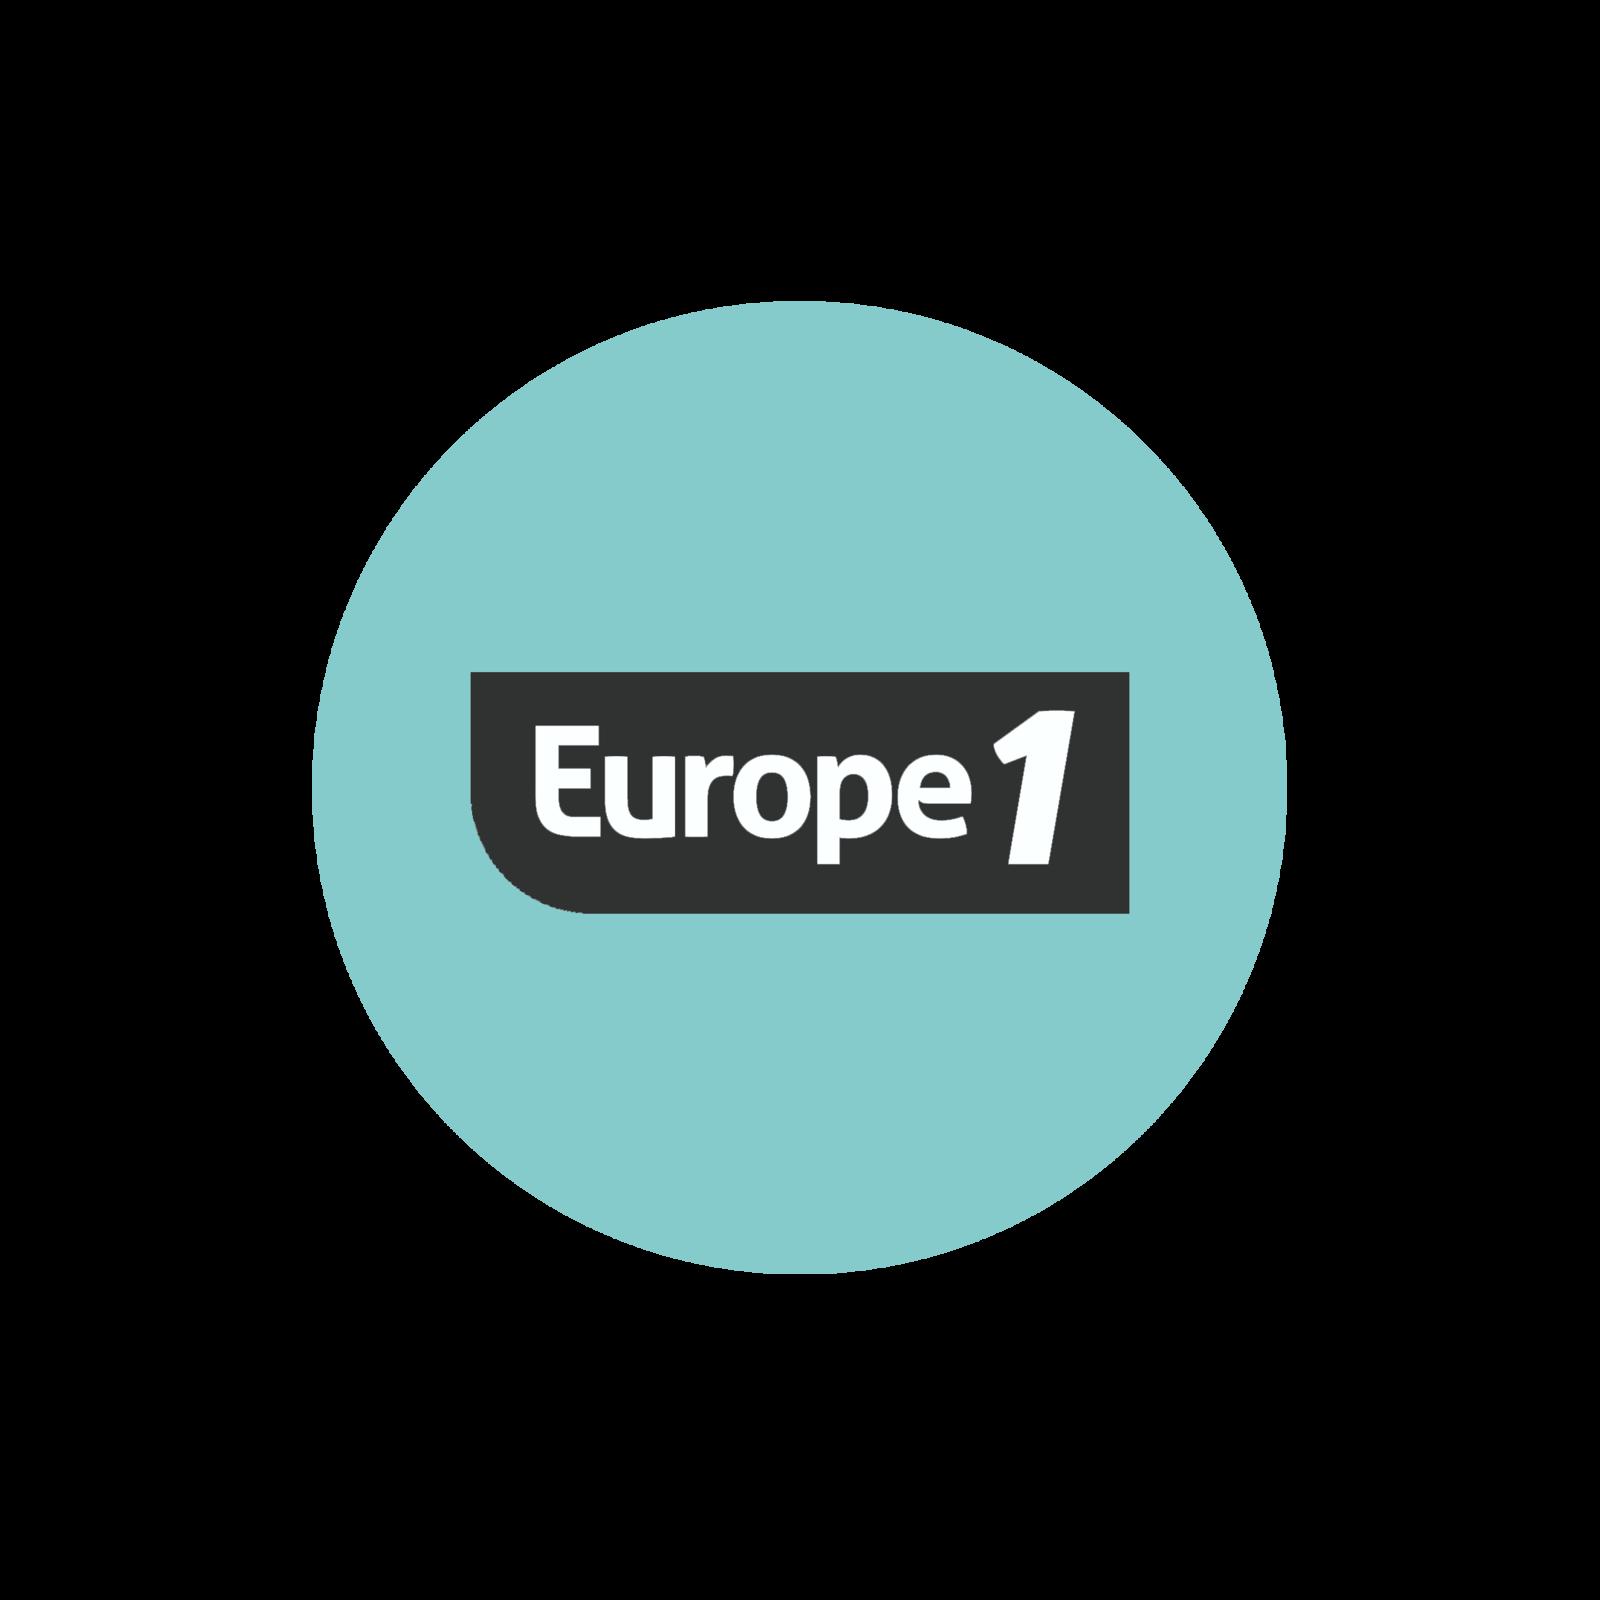 Europe 1 propose aux auditeurs un dispositif spécial pour les sensibiliser au handicap, dimanche et mardi.